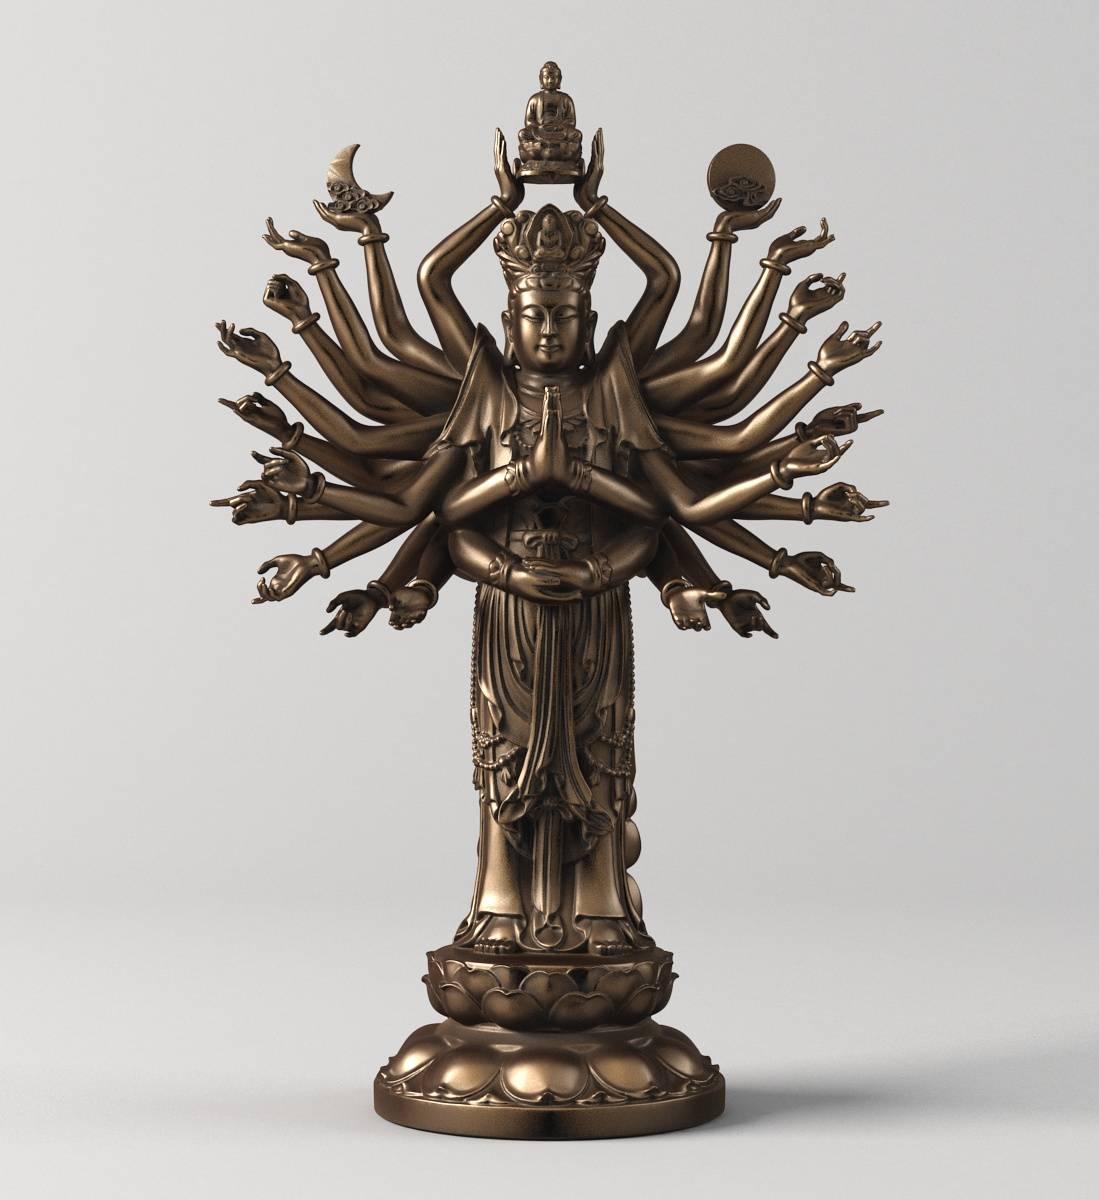 中式千手观音佛像雕塑